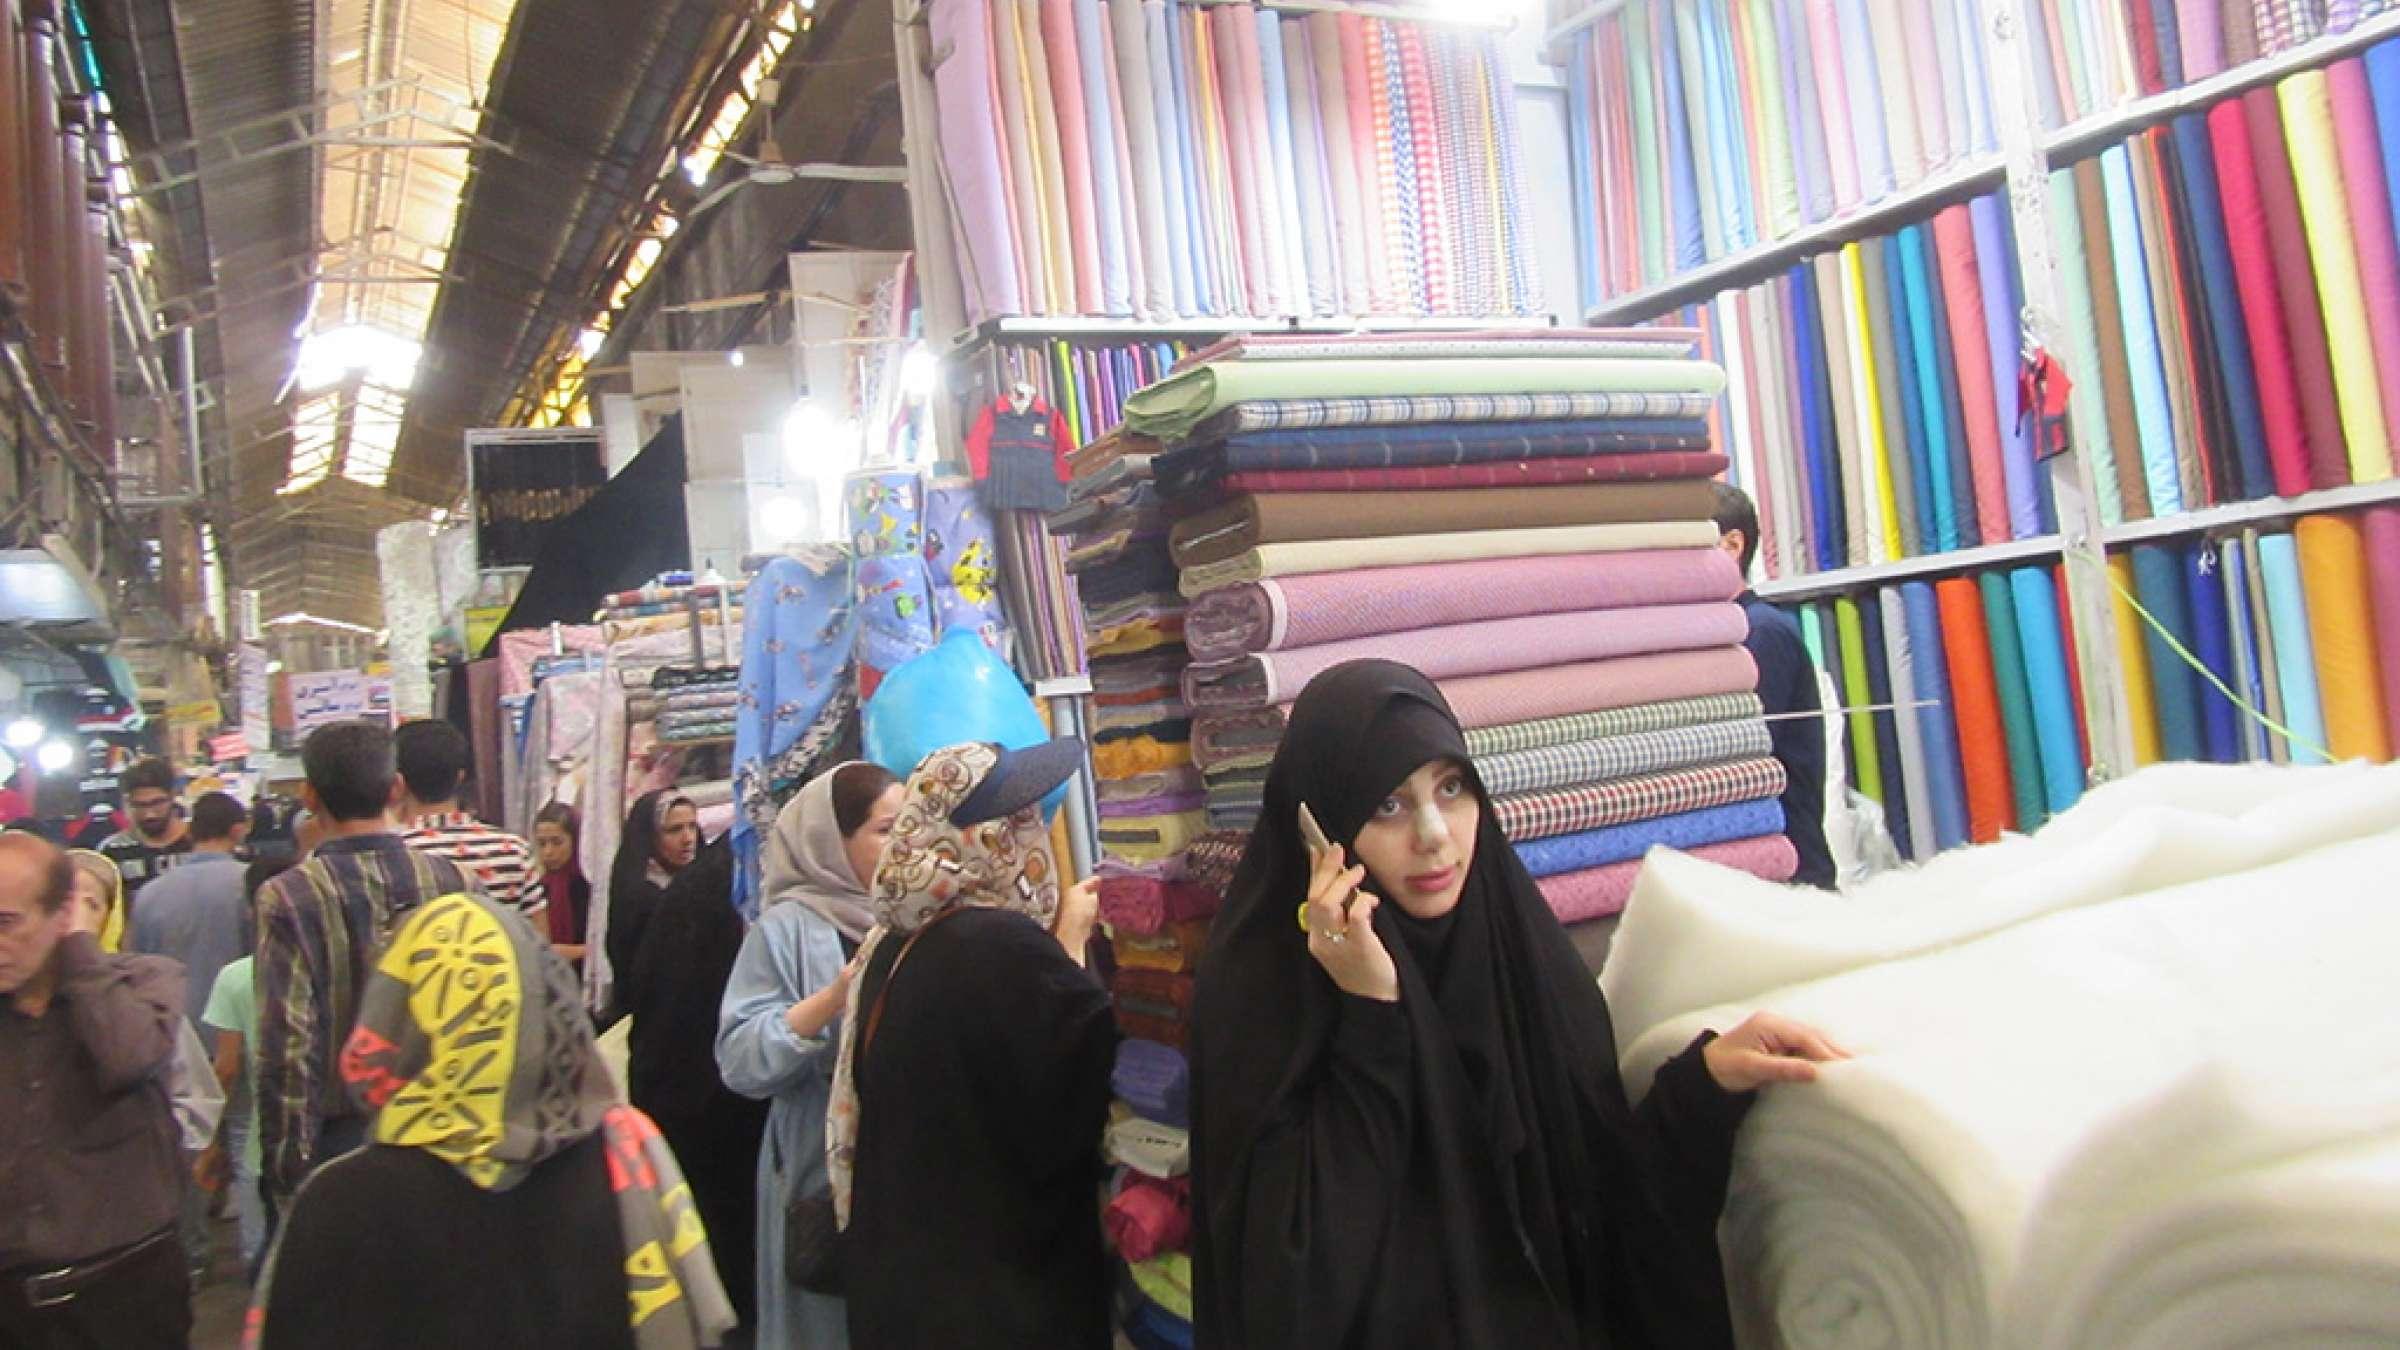 ادبیات-گلمحمدی-با-من-به-بازار-تهران-بیایید-راسته-بزازان-پارچه-فروشان